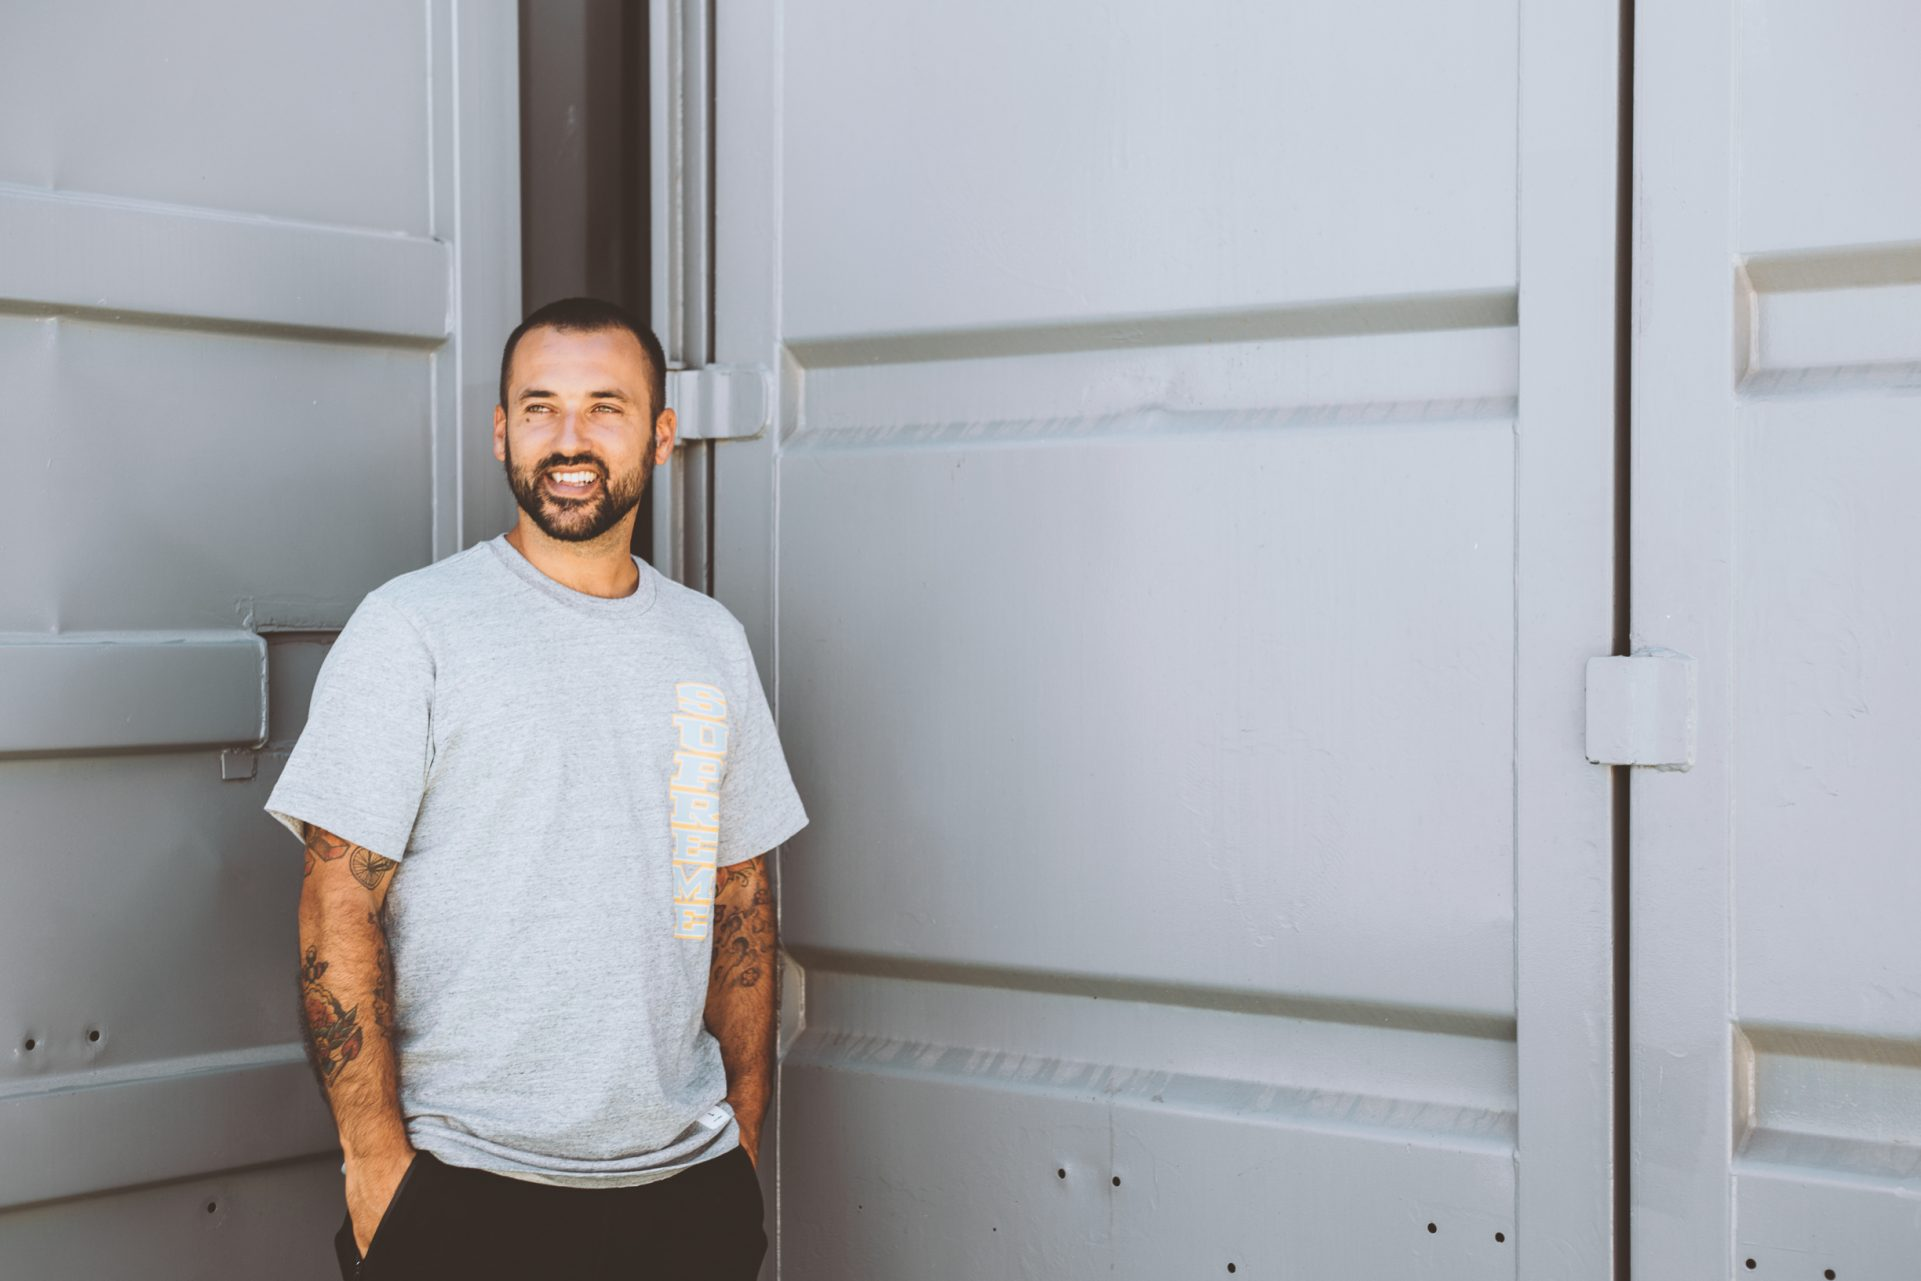 DJ Glue está preparado para tomar conta de 2018 e reforçar ainda mais o seu estatuto de intocável no hip hop nacional. Vai estar no Lisboa Dance Festival.